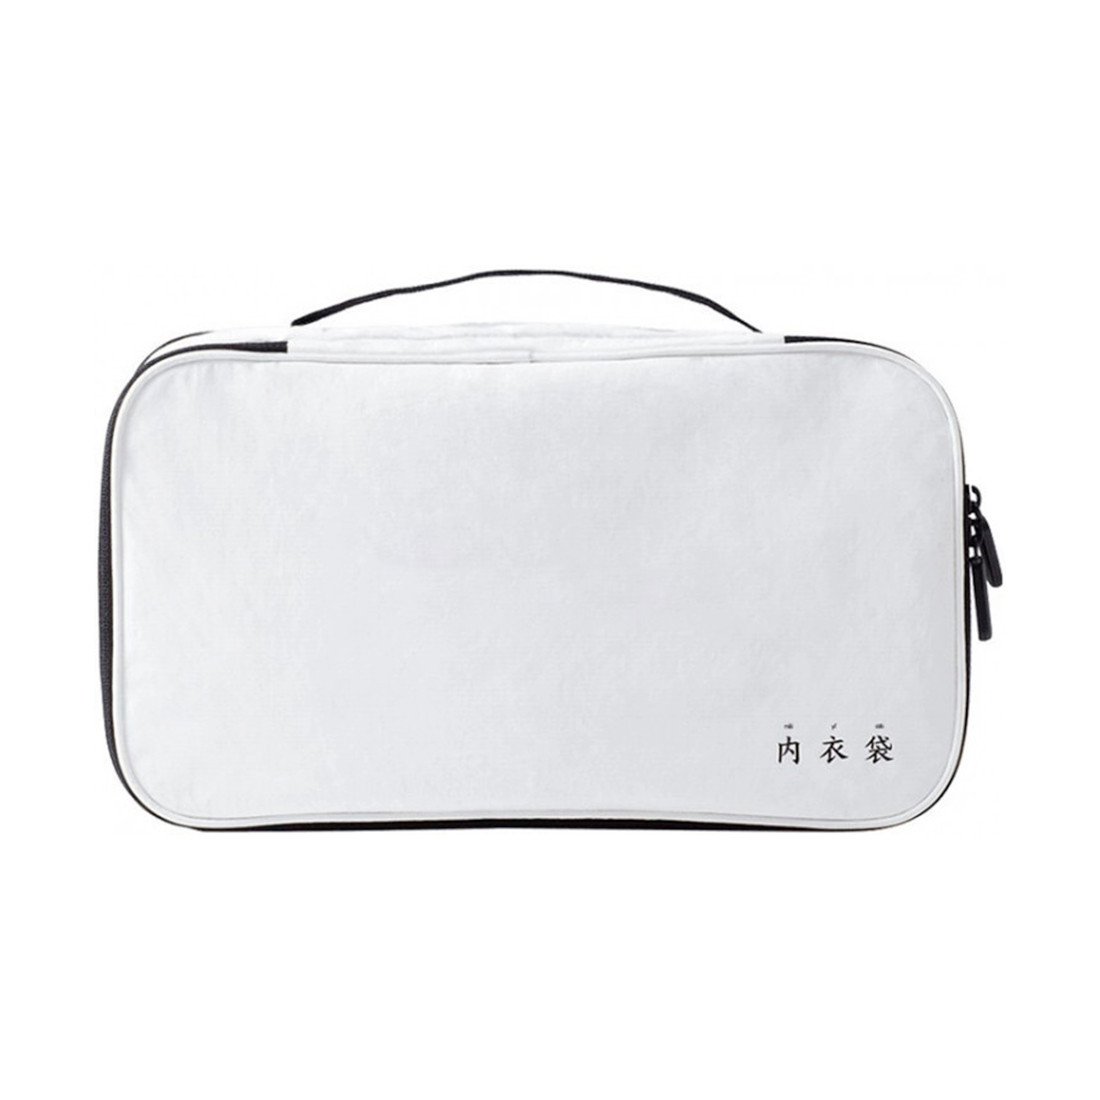 Сумка органайзер Xiaomi 90 Points Tyvek Underwear Storage Bag (6970055349581) Белый